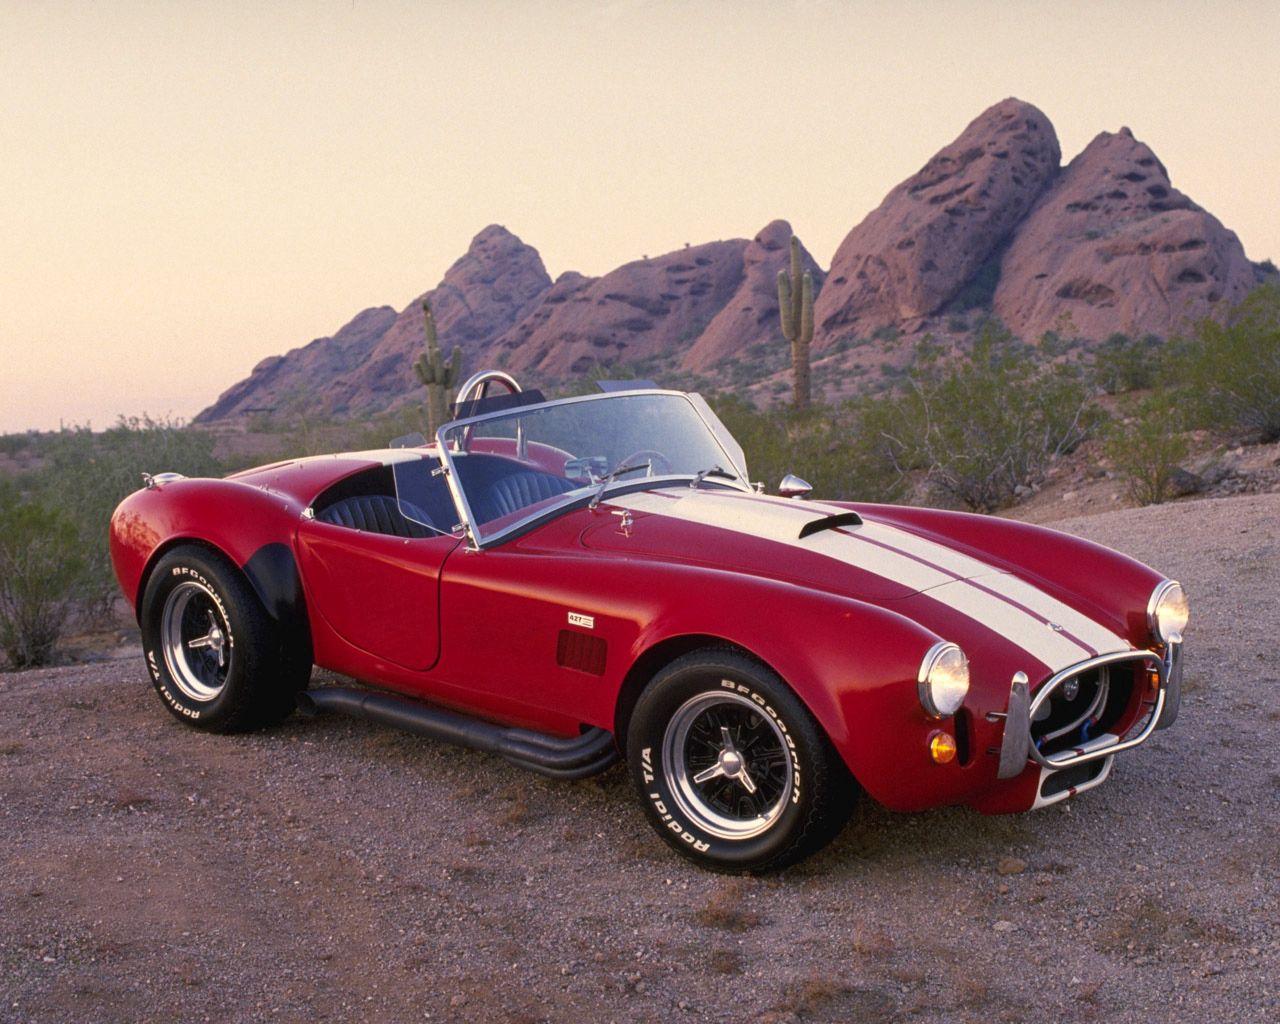 68932 скачать обои Ретро, Спорт, Пустыня, Кобра (Cobra), Тачки (Cars), Красный, Автомобиль, Стиль, Кобра, Кабриолет, 1962, Ac, Вид С Боку - заставки и картинки бесплатно